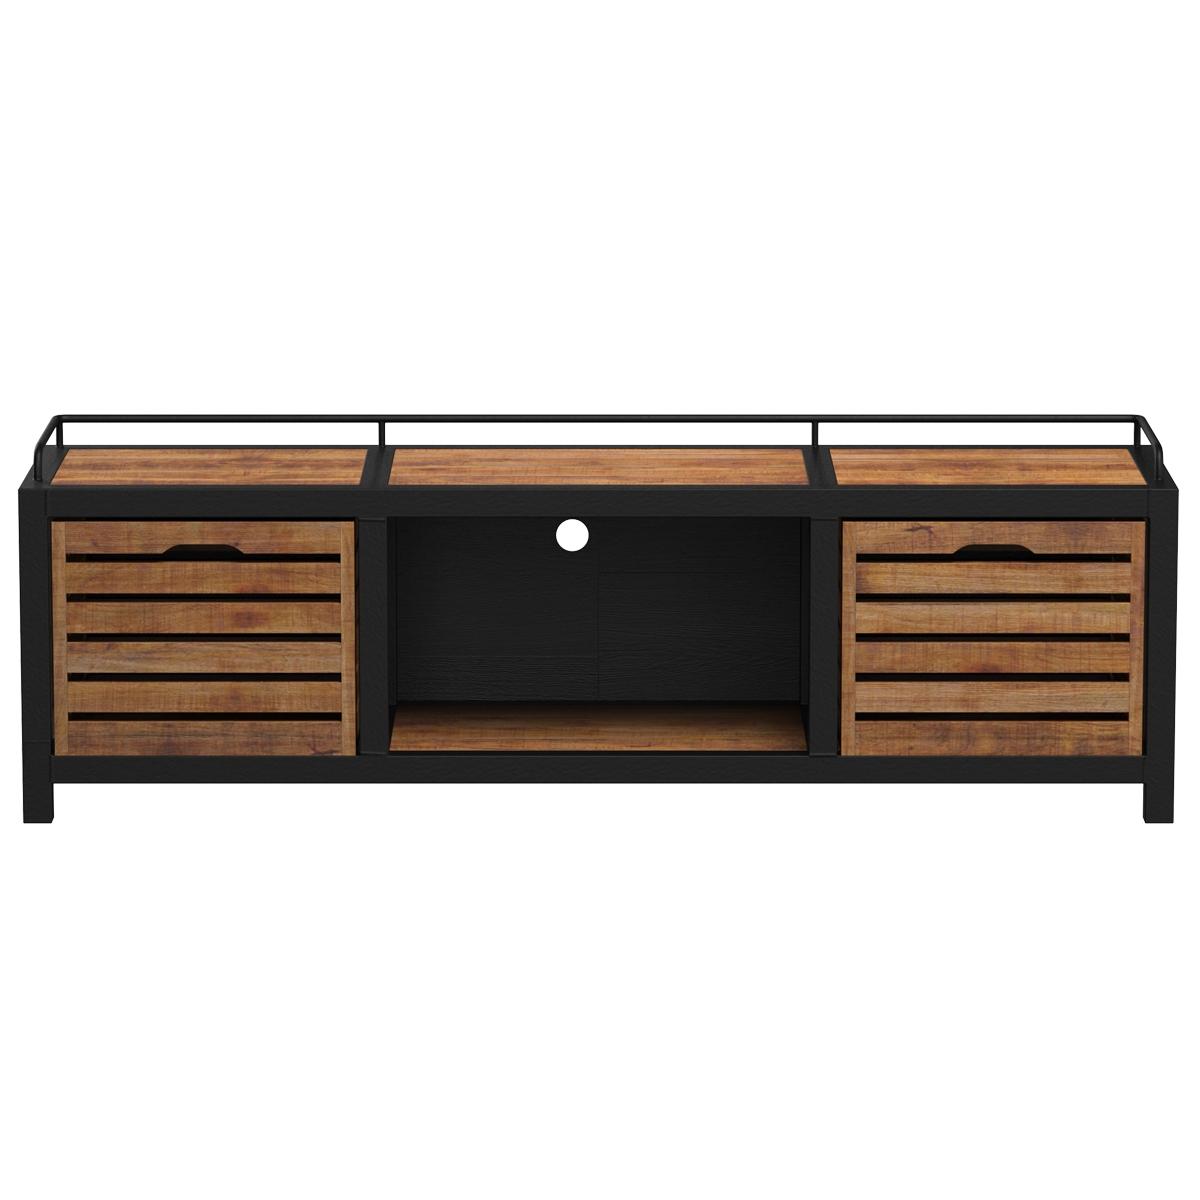 Meuble TV en bois de cèdre recyclé et métal